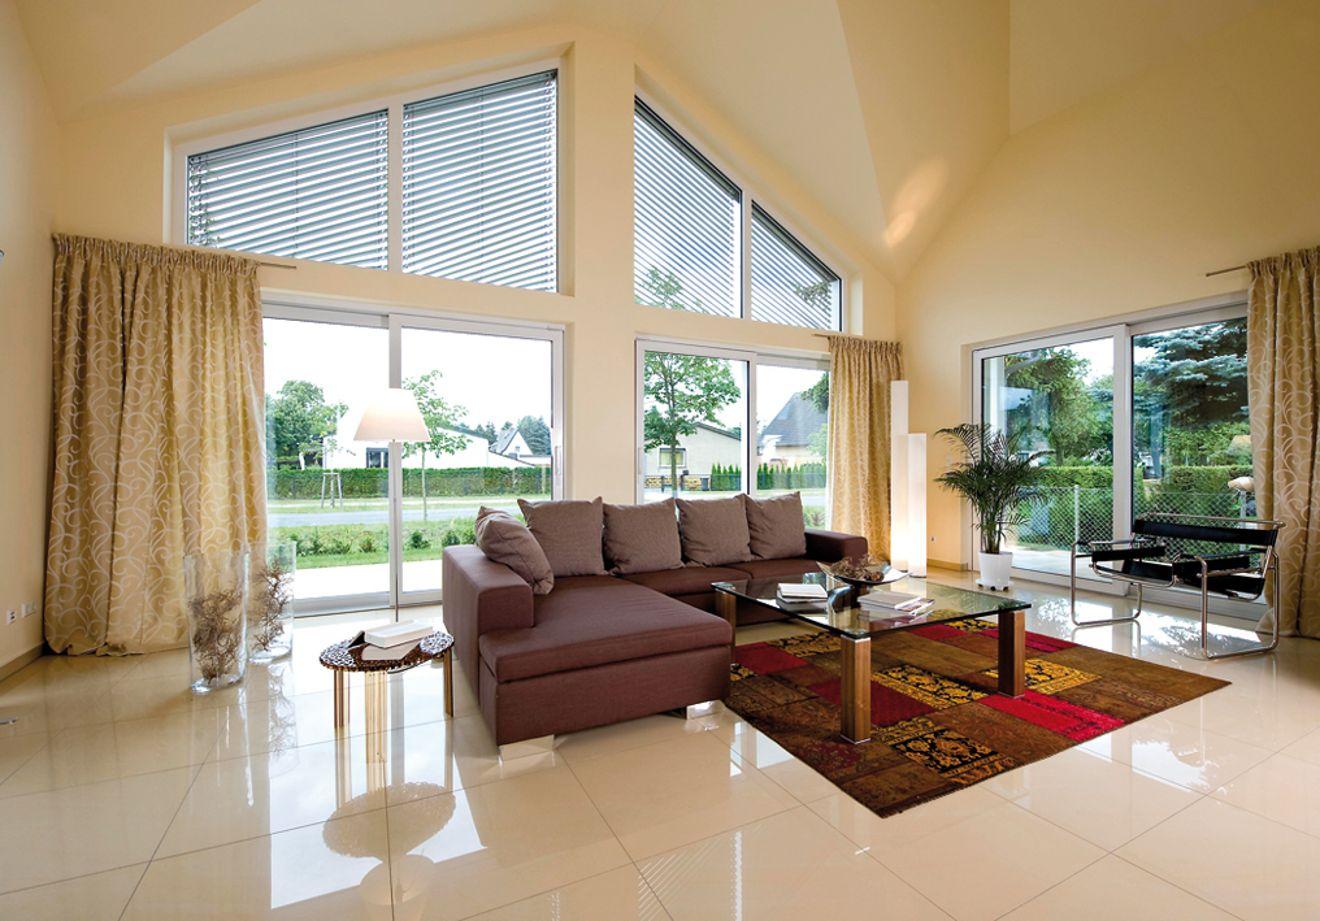 musterhaus oranienburg heinz von heiden. Black Bedroom Furniture Sets. Home Design Ideas